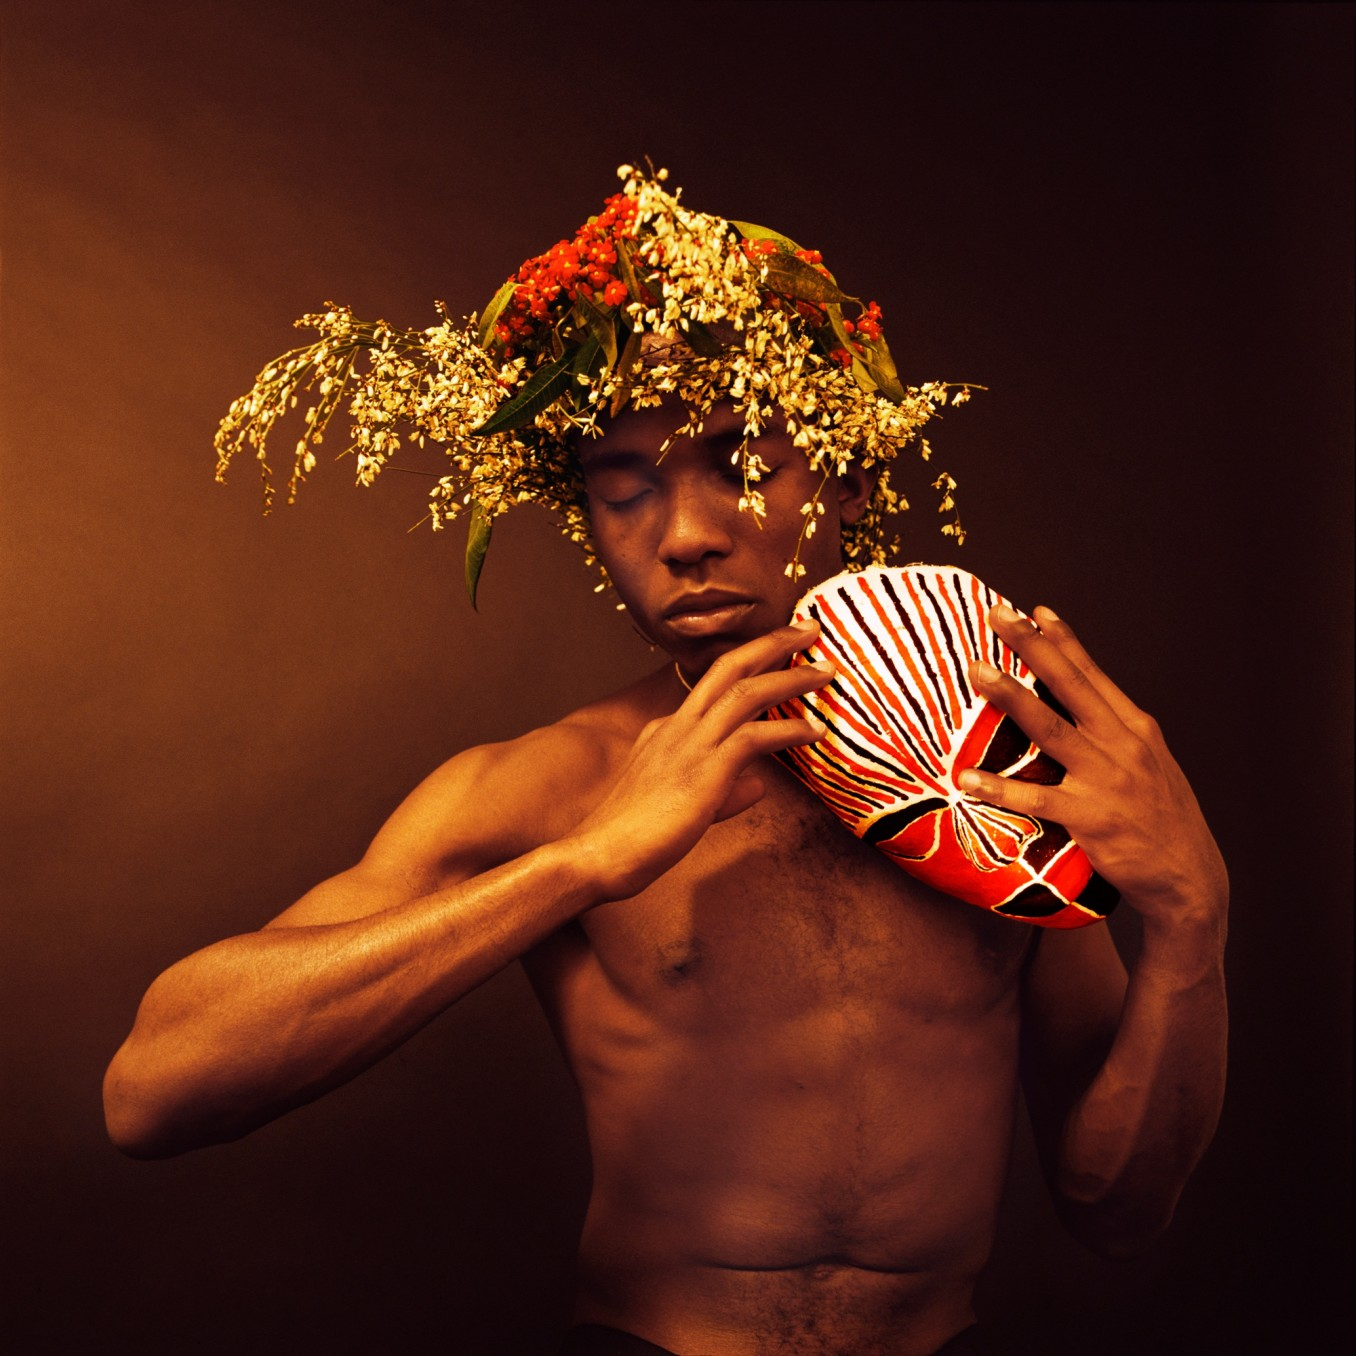 Rotimi Fani-Kayode Adebiyi, 1989/2021